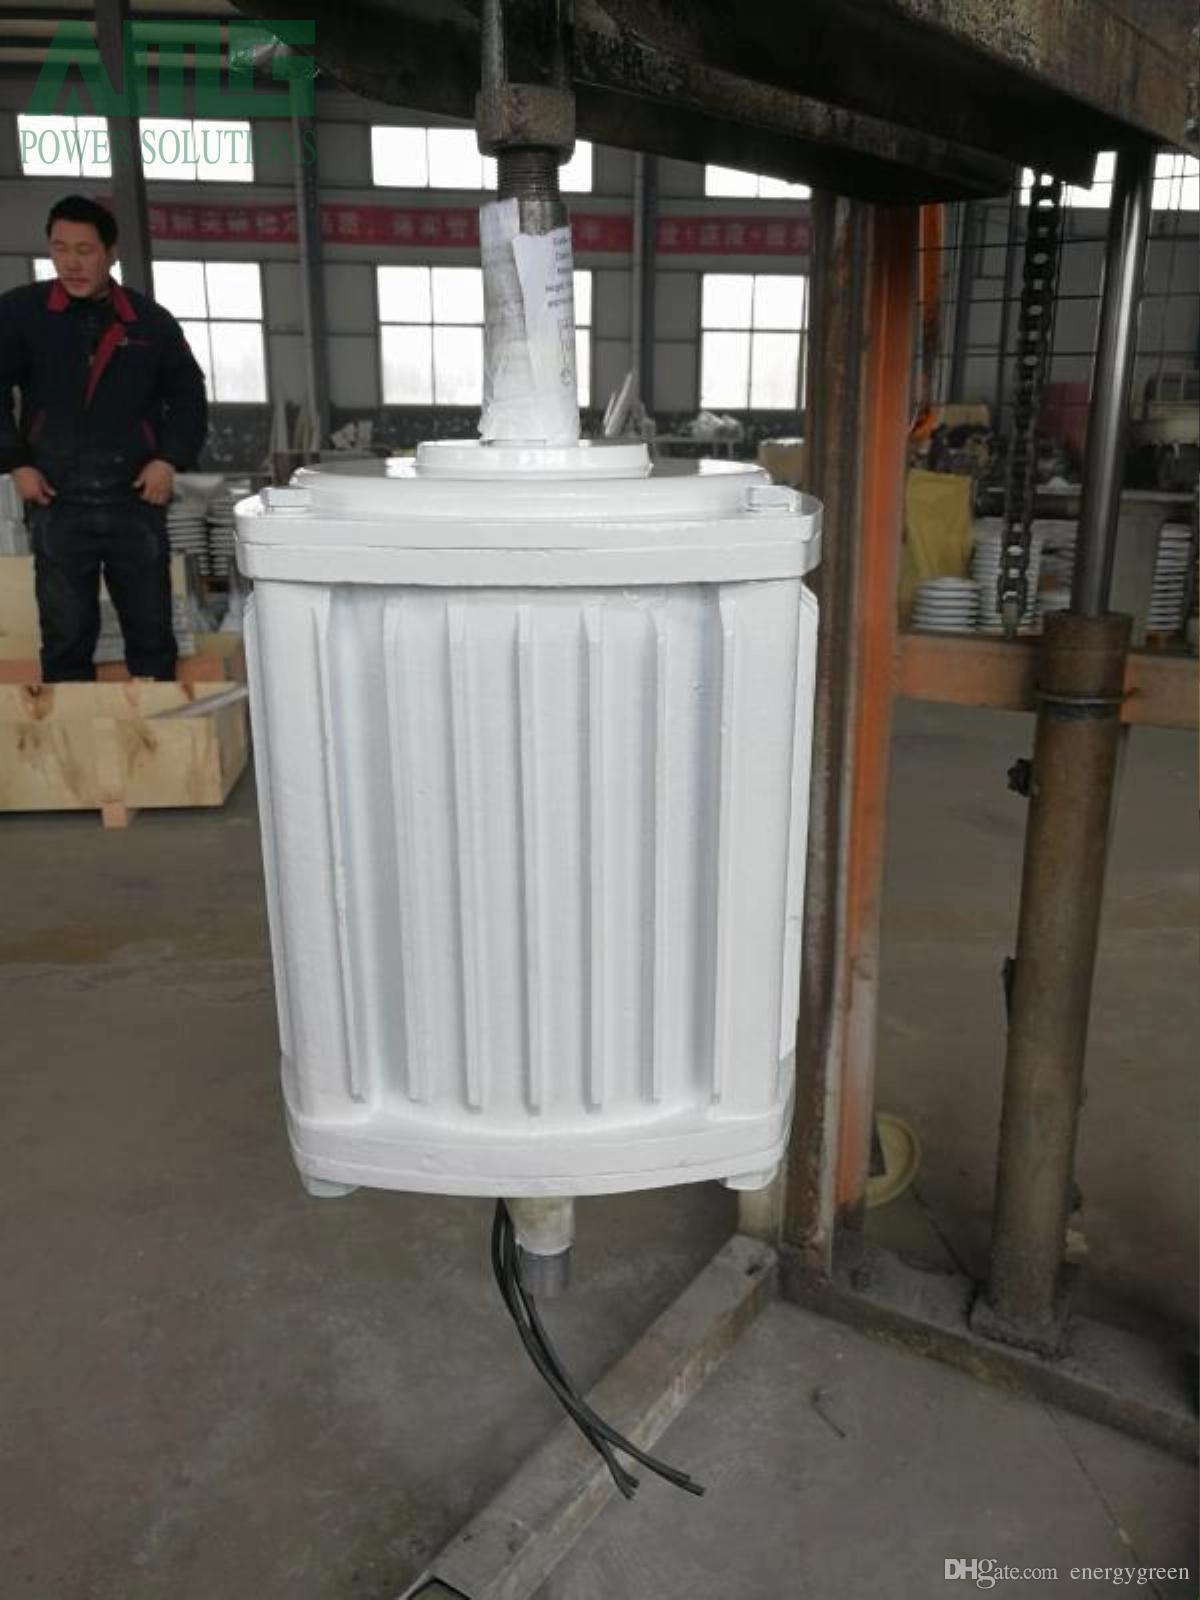 5천와트 / 5kw 260rpm 낮은 속도 sychrous 영구 자석 발전기 발전기 수력 발전기, 48V / 96V ~ 220V ~ 380V, 커스터마이즈으로 허용